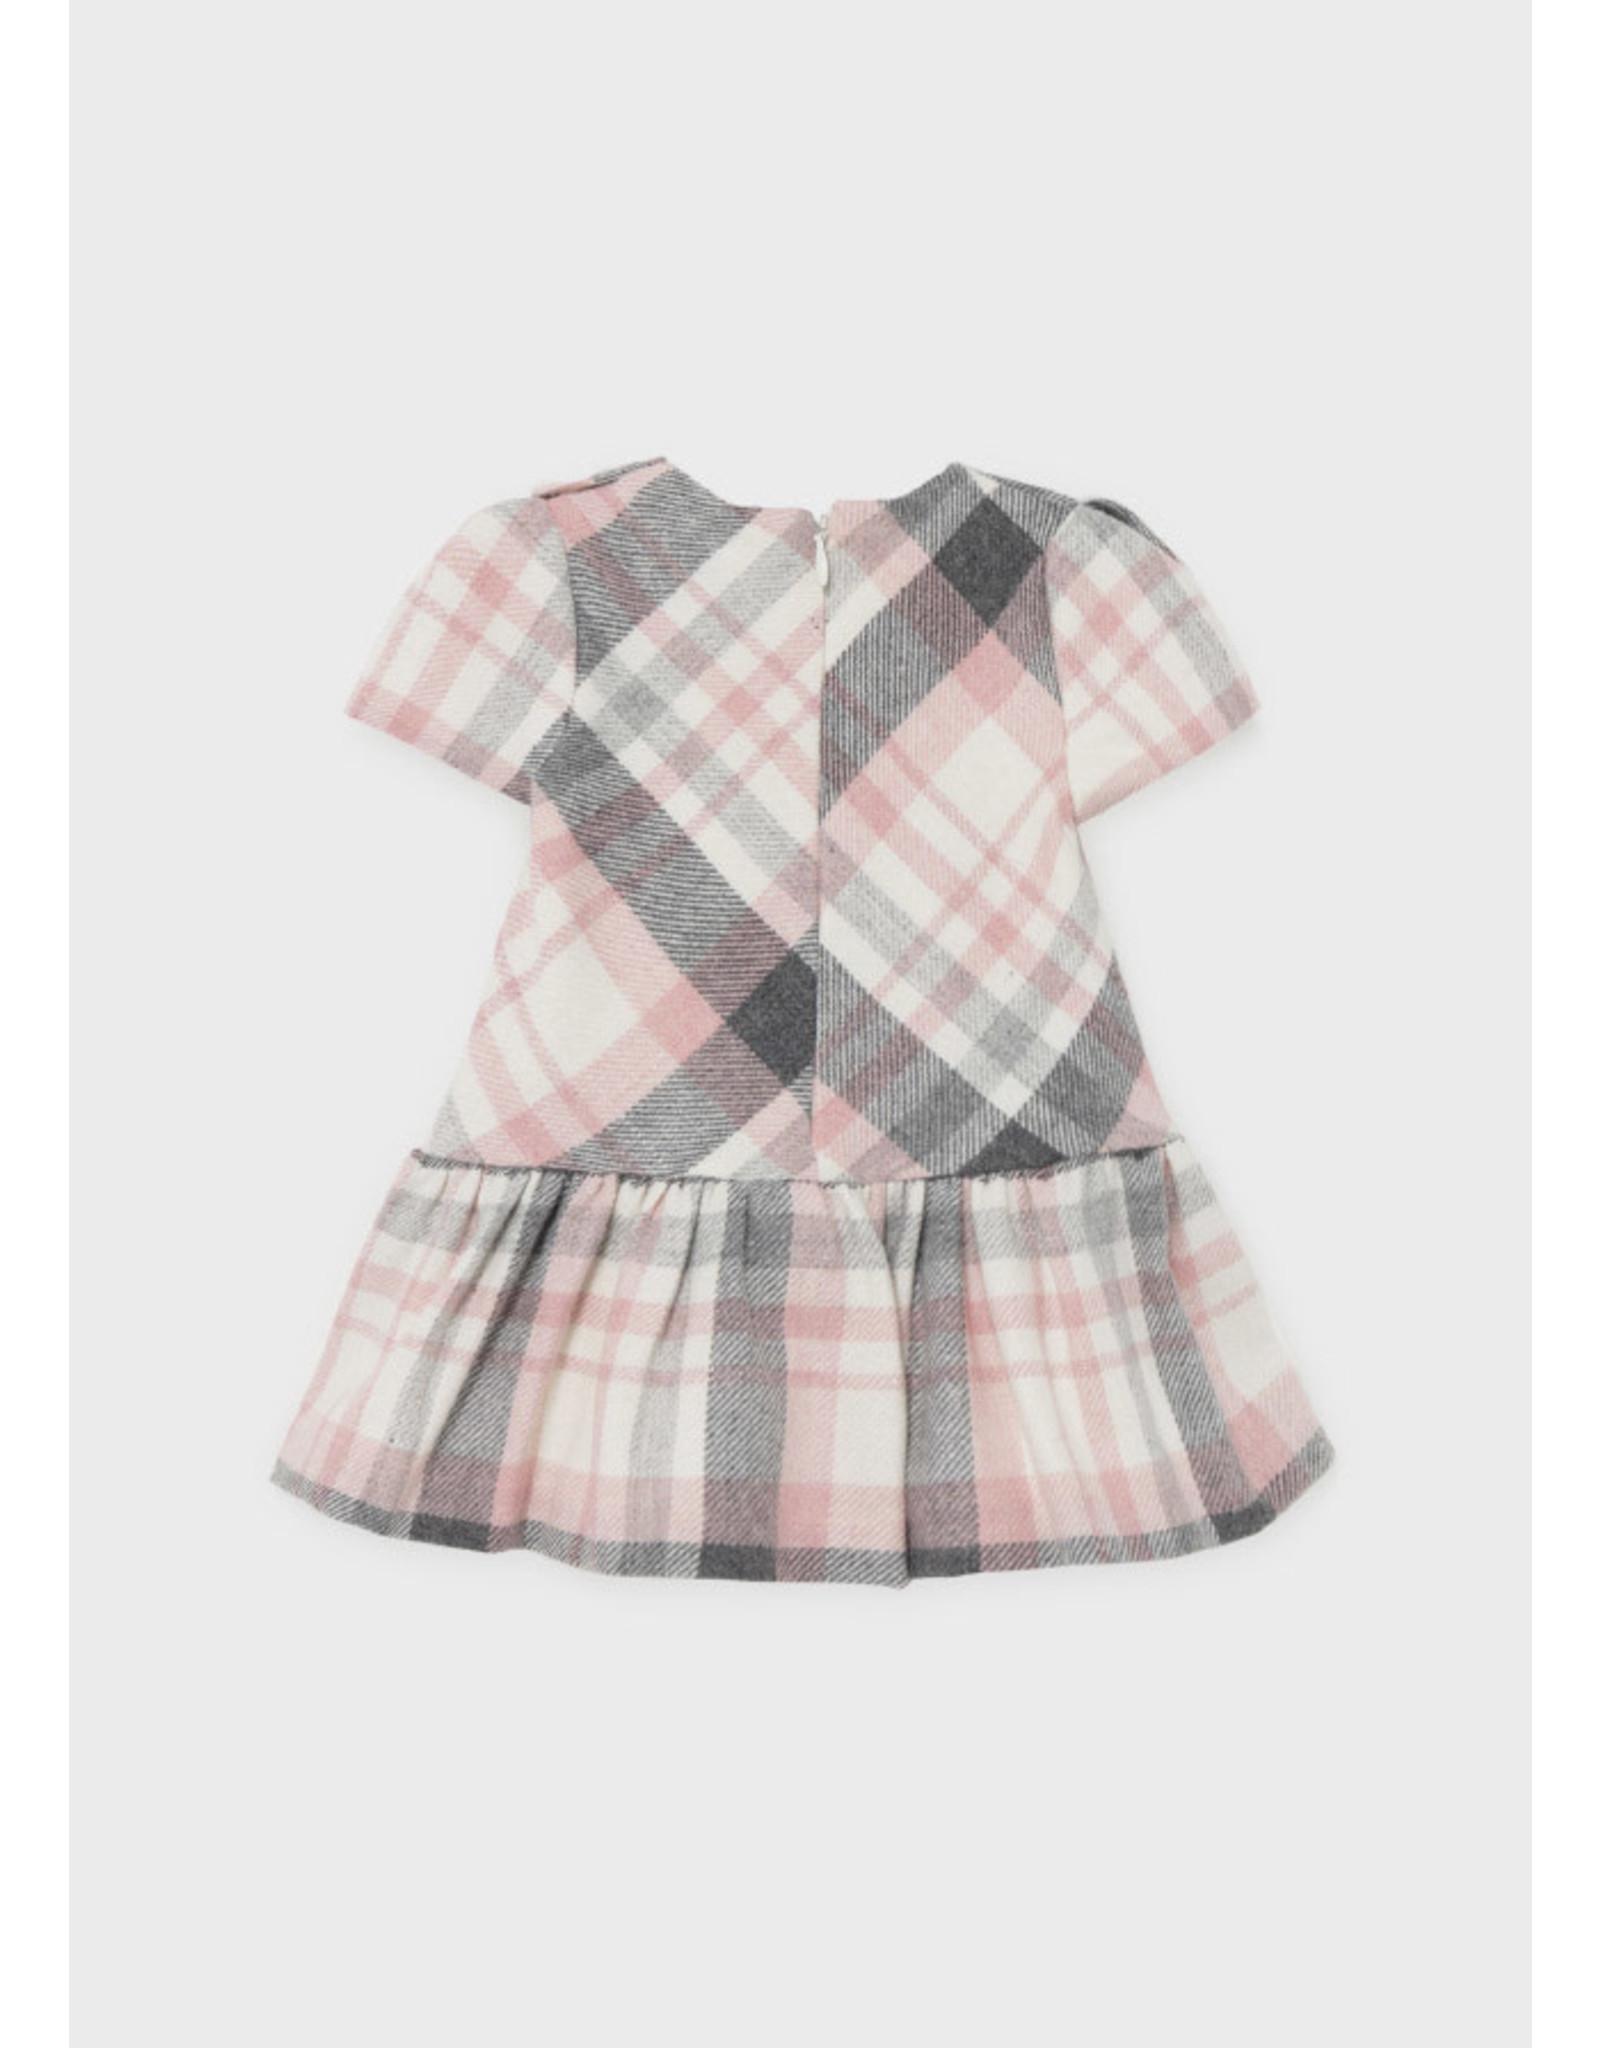 Mayoral Rose Plaid Dress